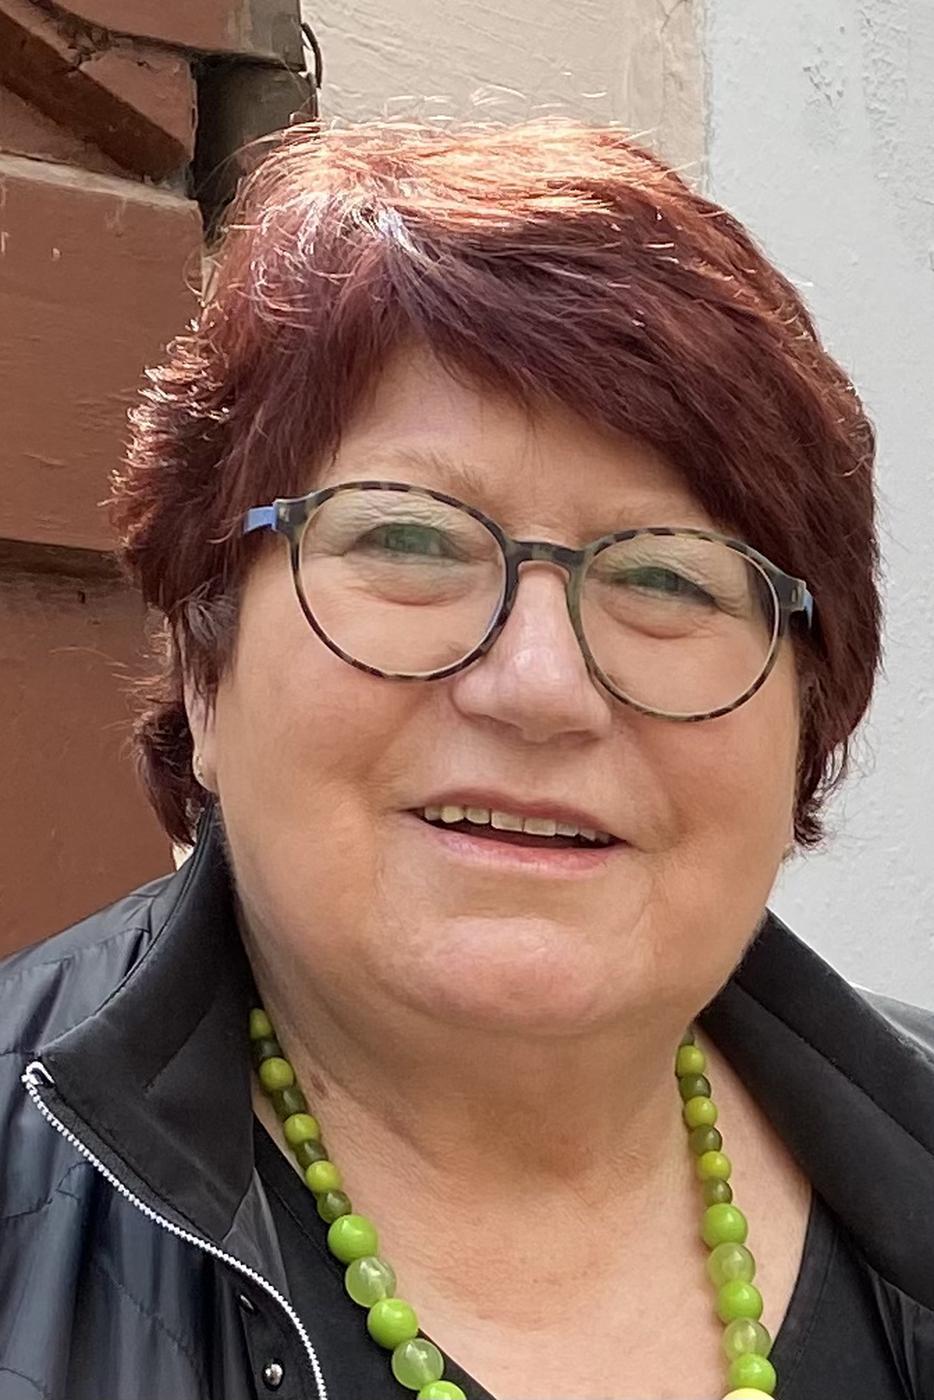 Karin El-Alem hat den Hauptpreis der fünften Runde gewonnen.